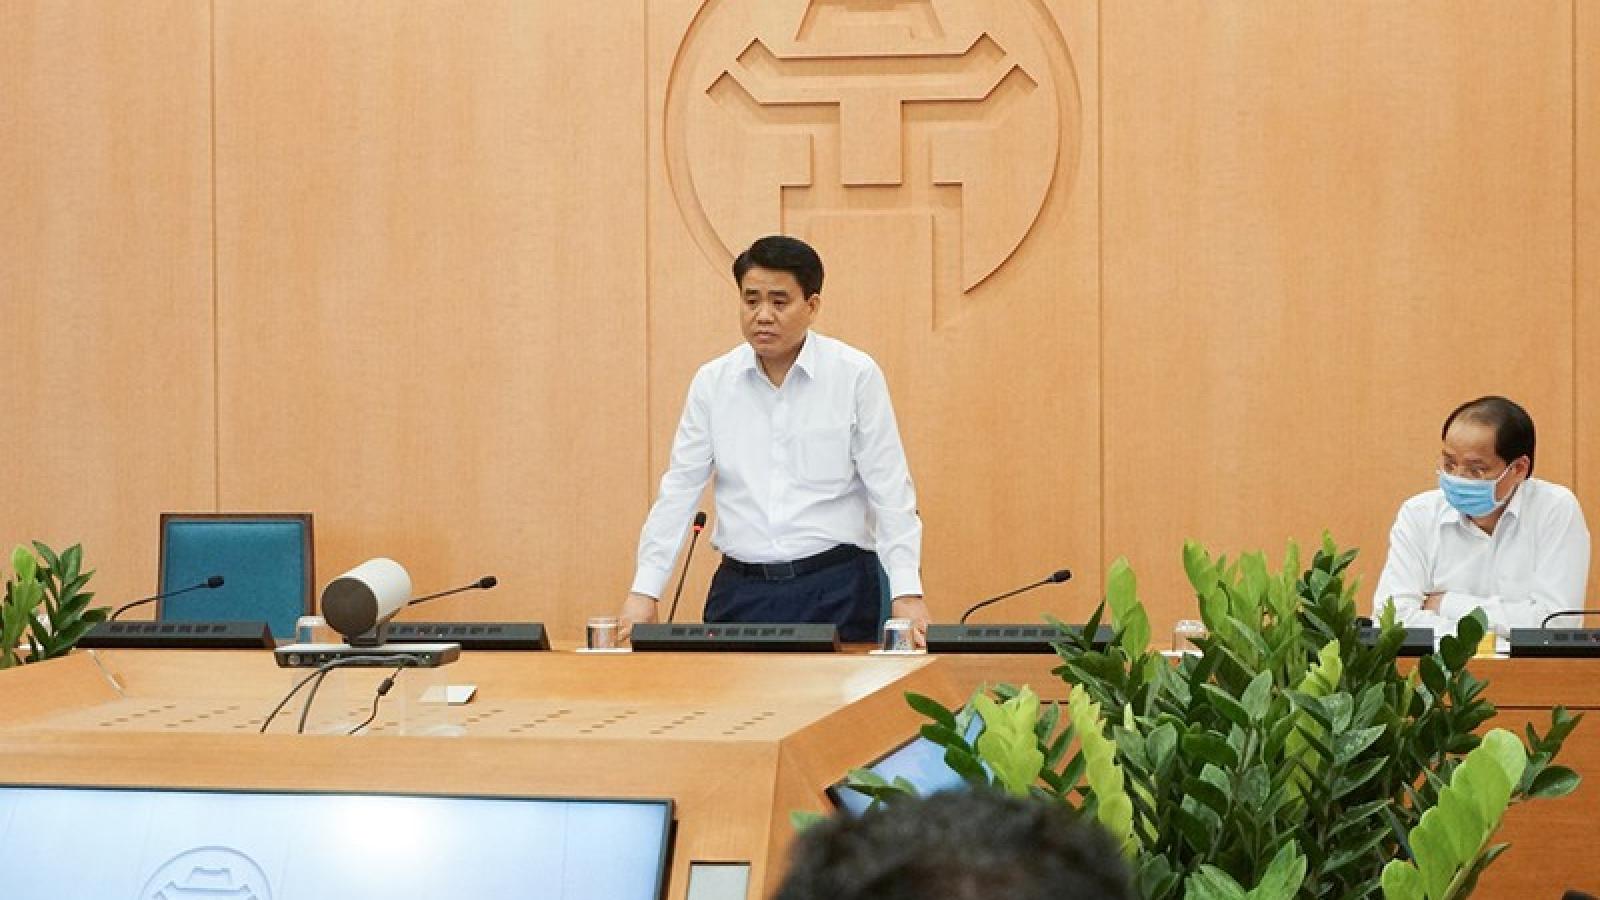 Ngày 29/4, Hà Nội sẽ quyết định việc cho học sinh đi học trở lại